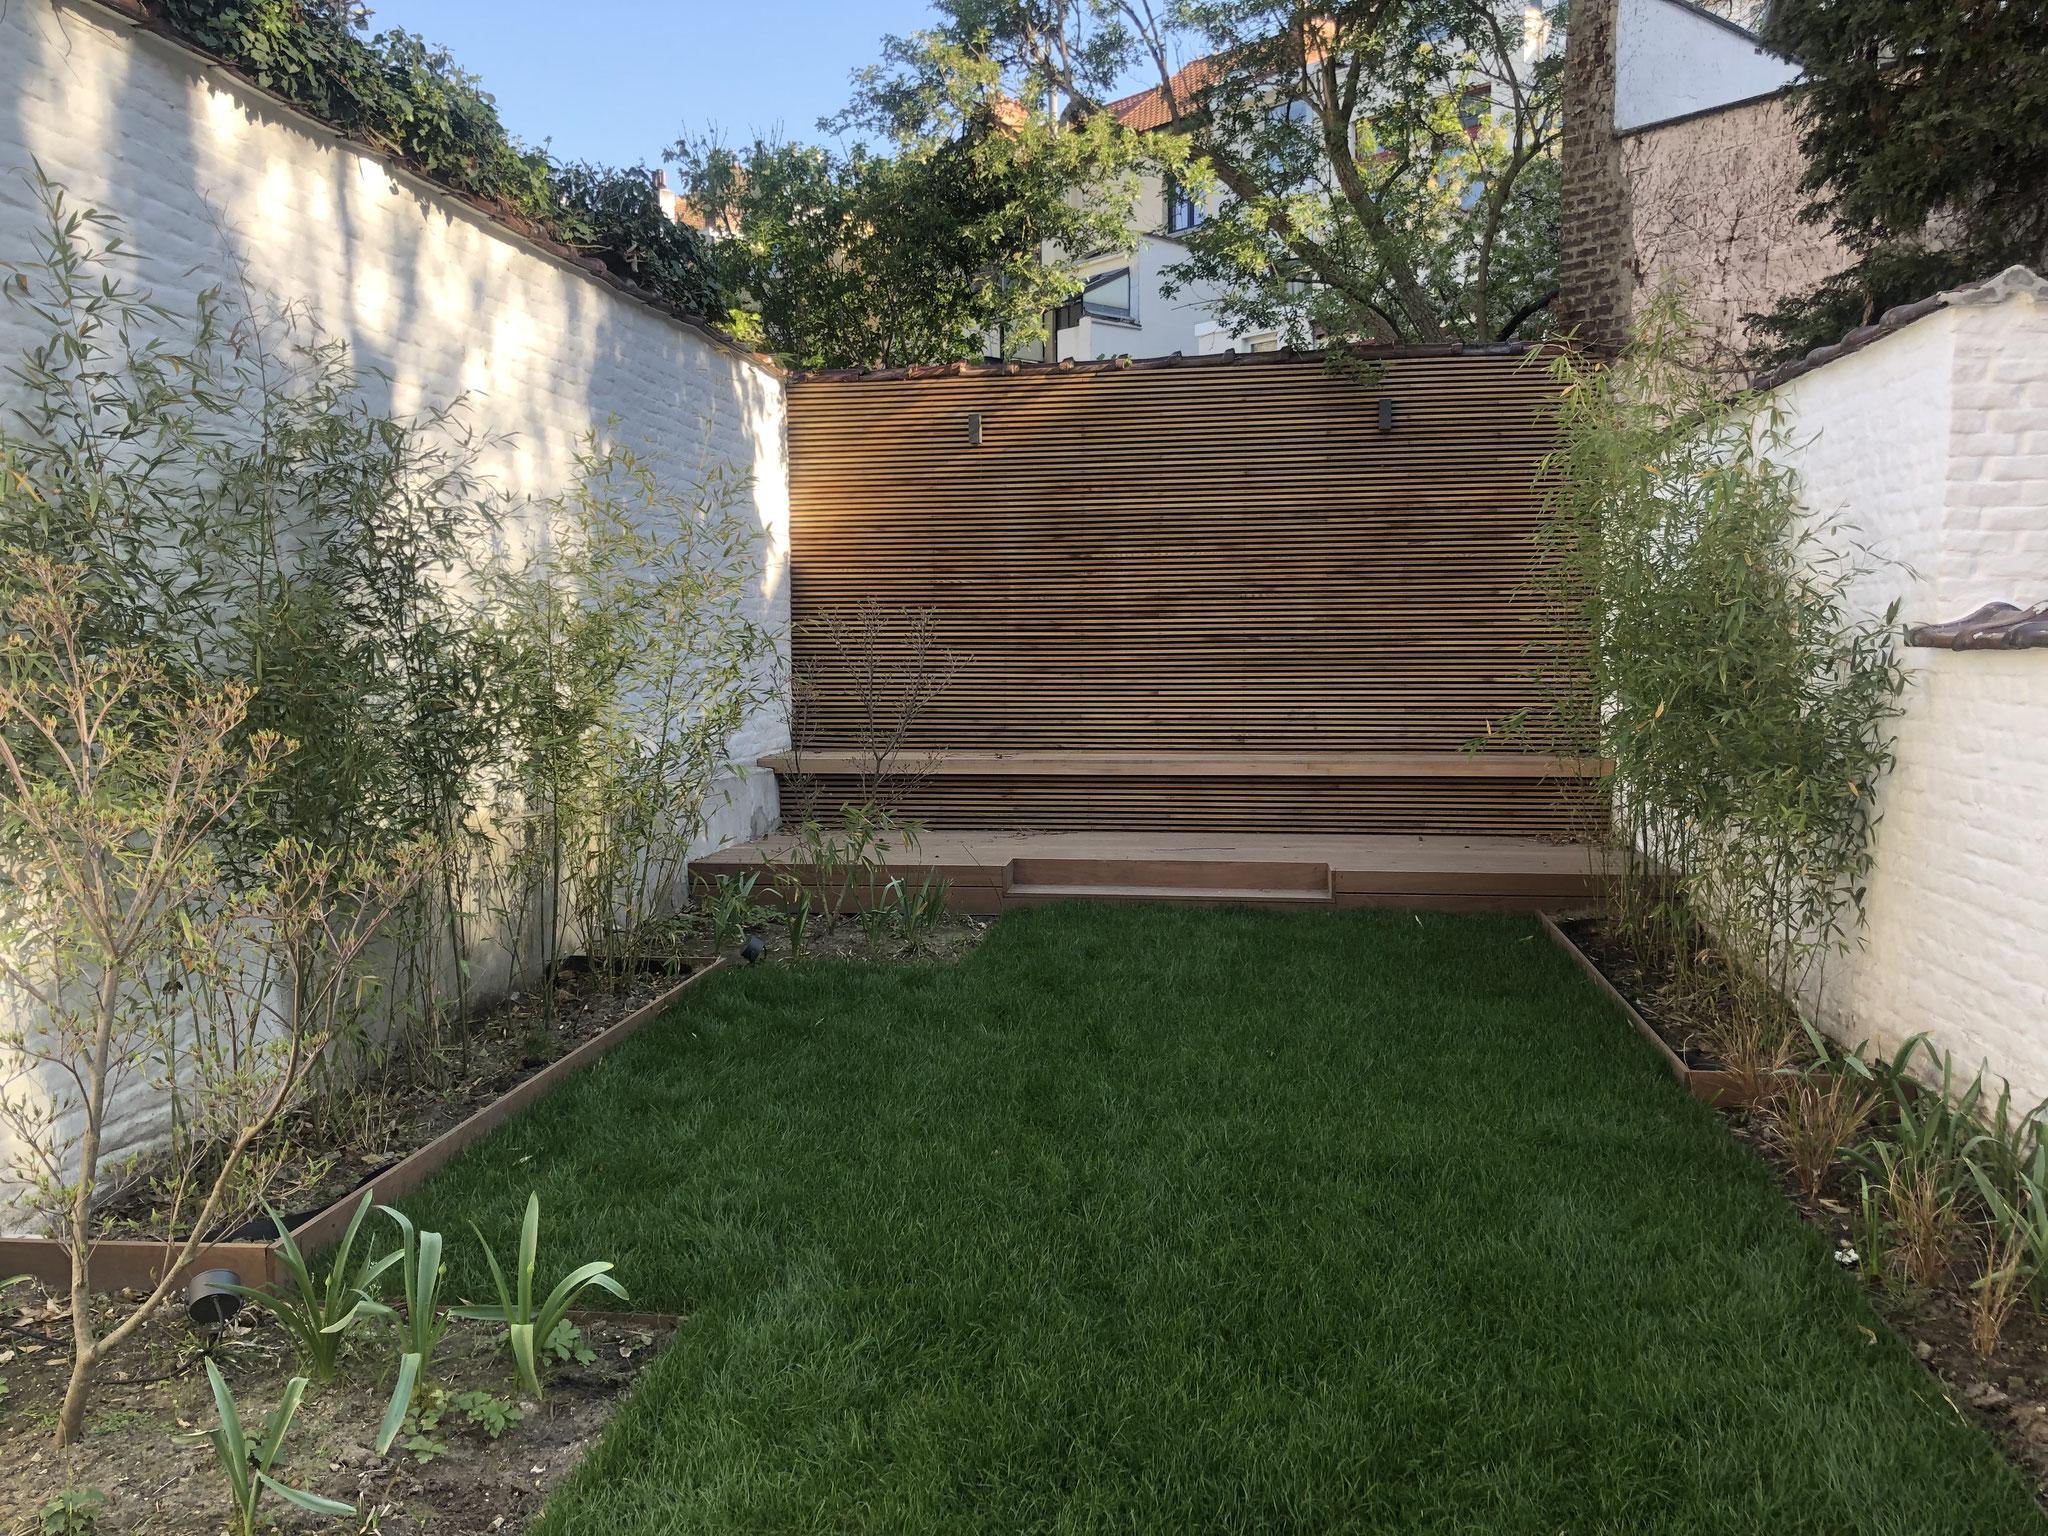 Jardin de 100m2 - Style contemporain - Vue d'ensemble / Terrasse du fond - Bardage / Banquette. Aménagement jardin Bruxelles